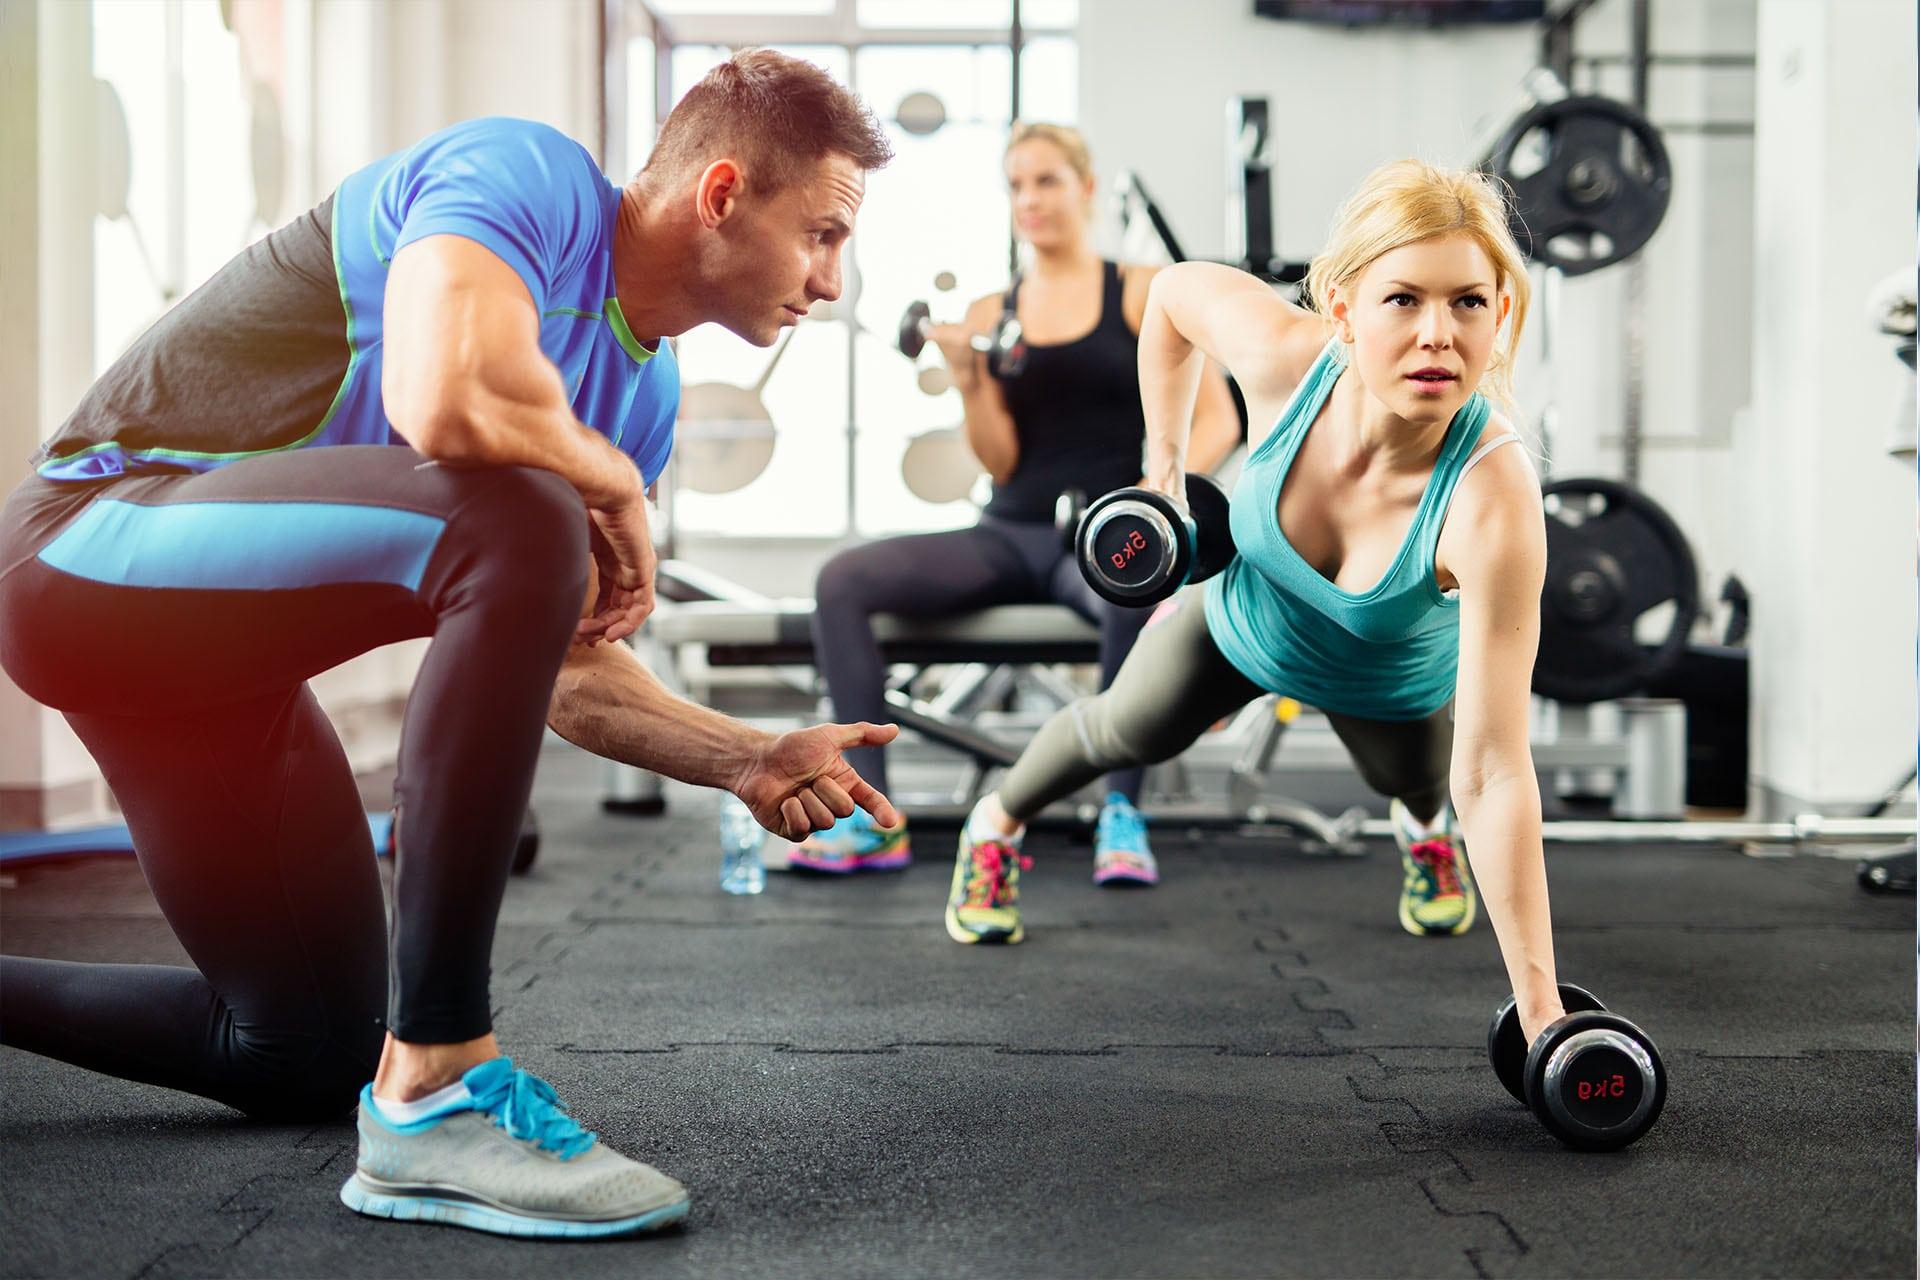 健身房0元健身活动方案